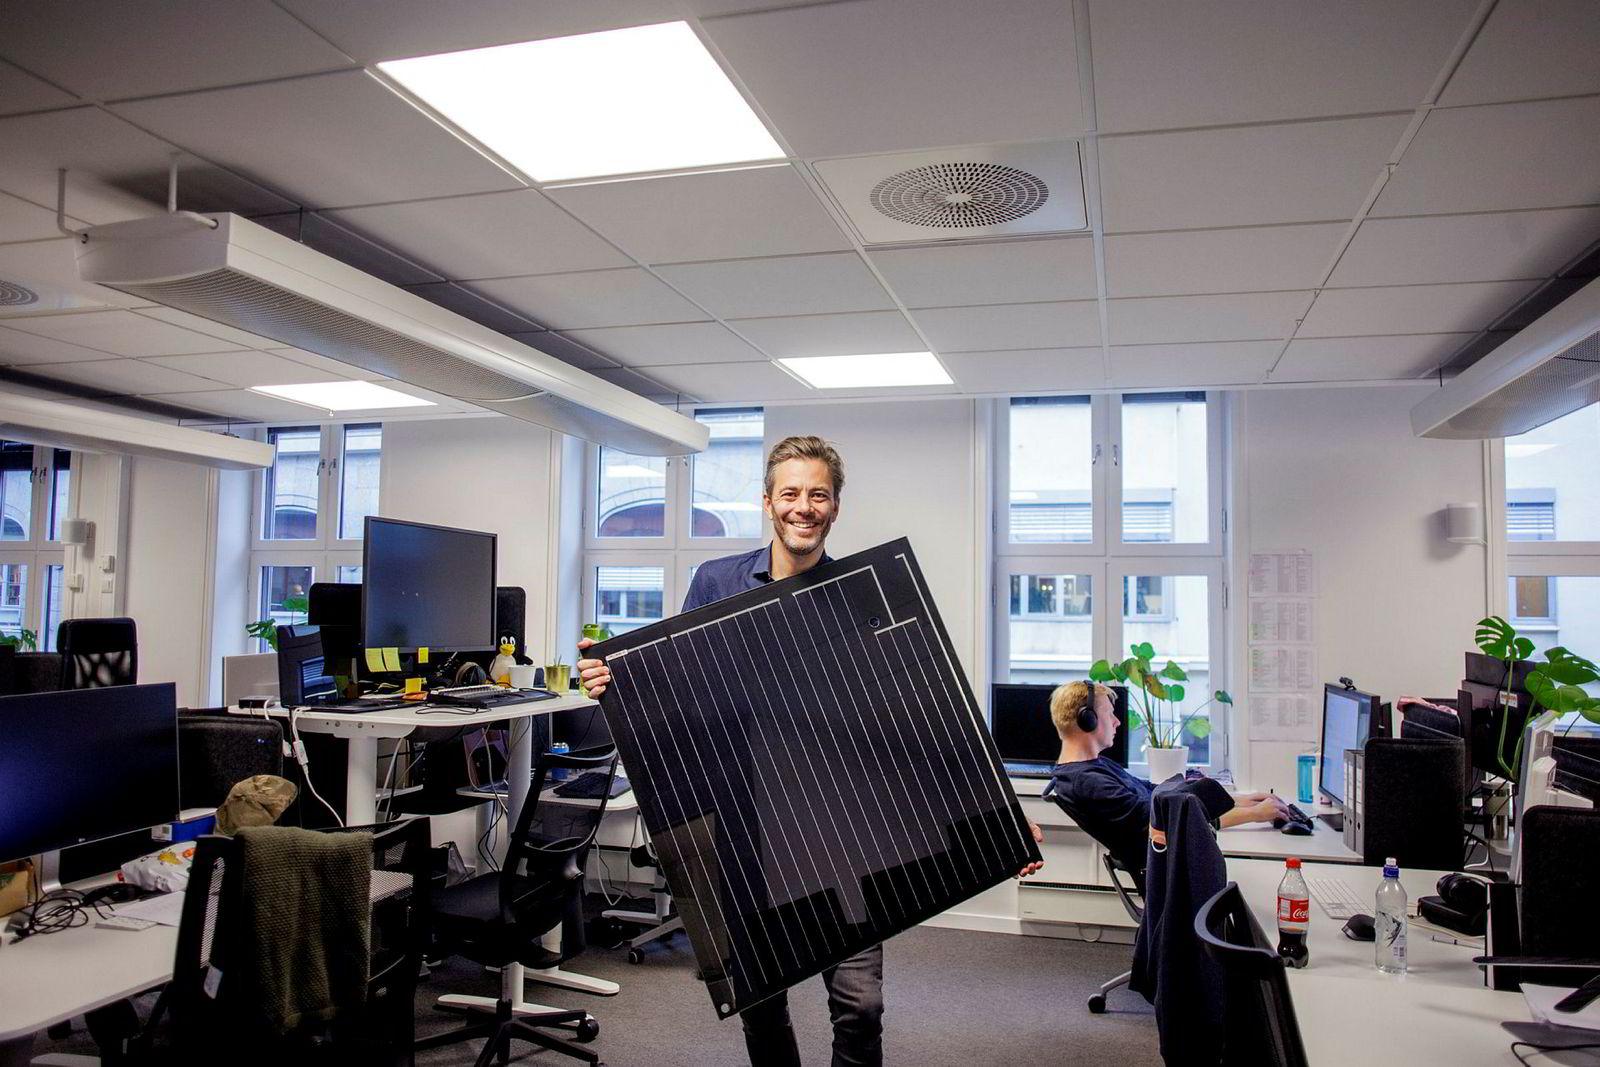 Administrerende direktør i Otovo, Andreas Thorsheim, med selskapets solpanel.